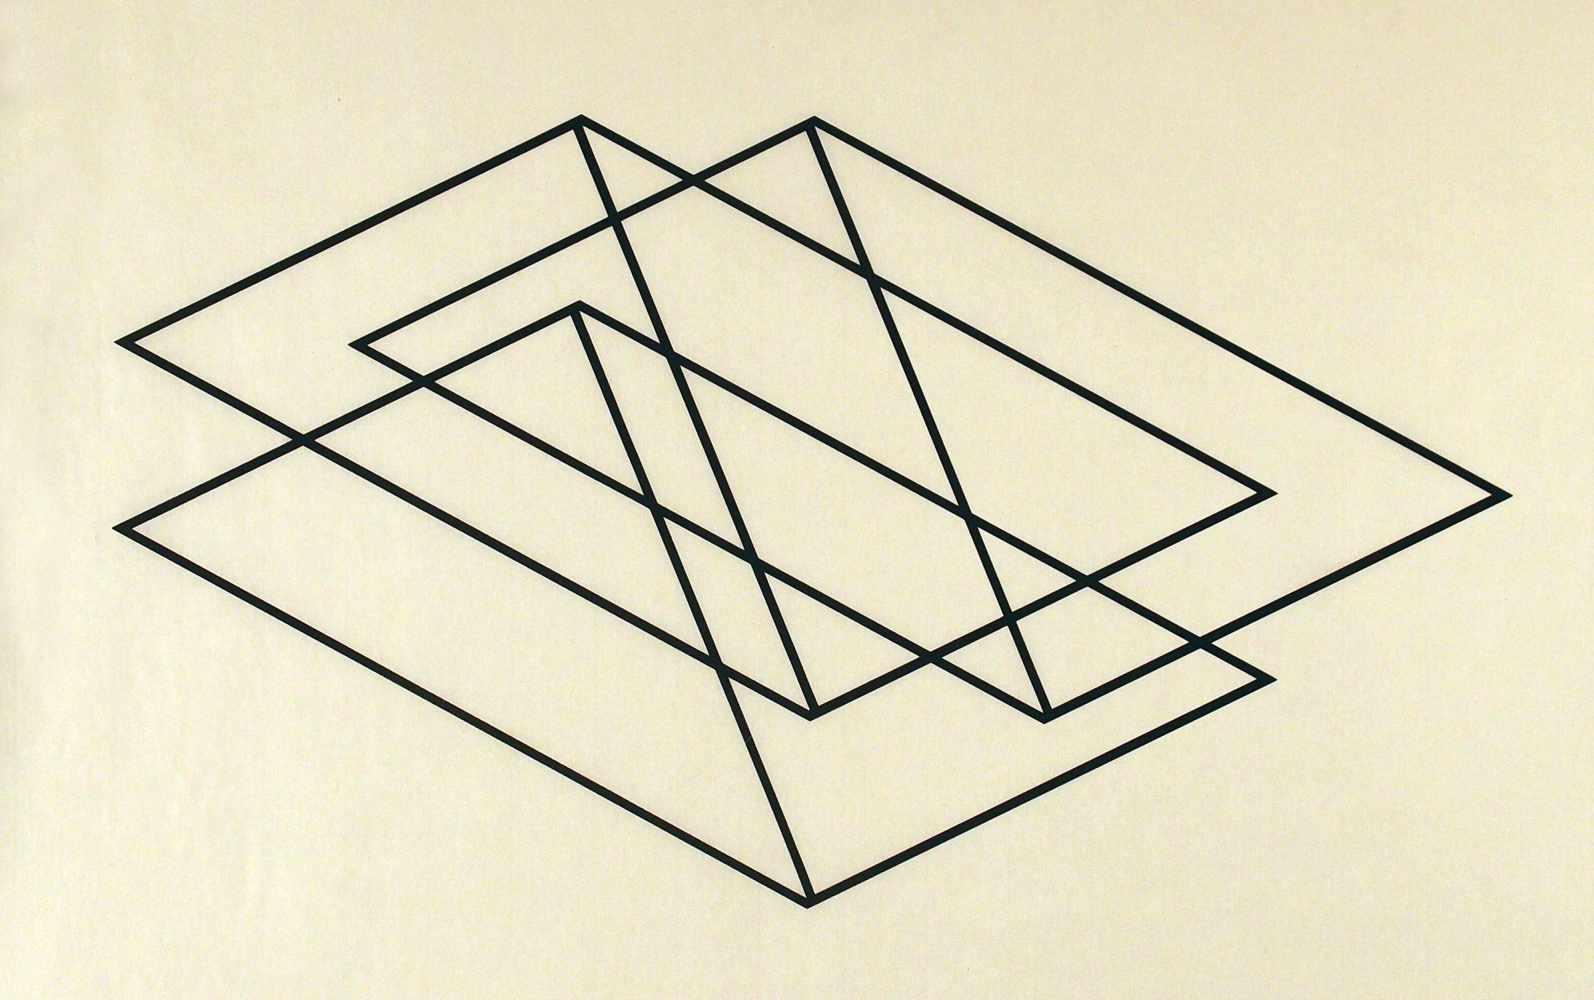 Lot 118 - Verena LoewensbergZürich 1912 - 1988 ZürichOhne Titel. Siebdruck. 1982. 34 x 60 cm (56 x 77,5 cm).